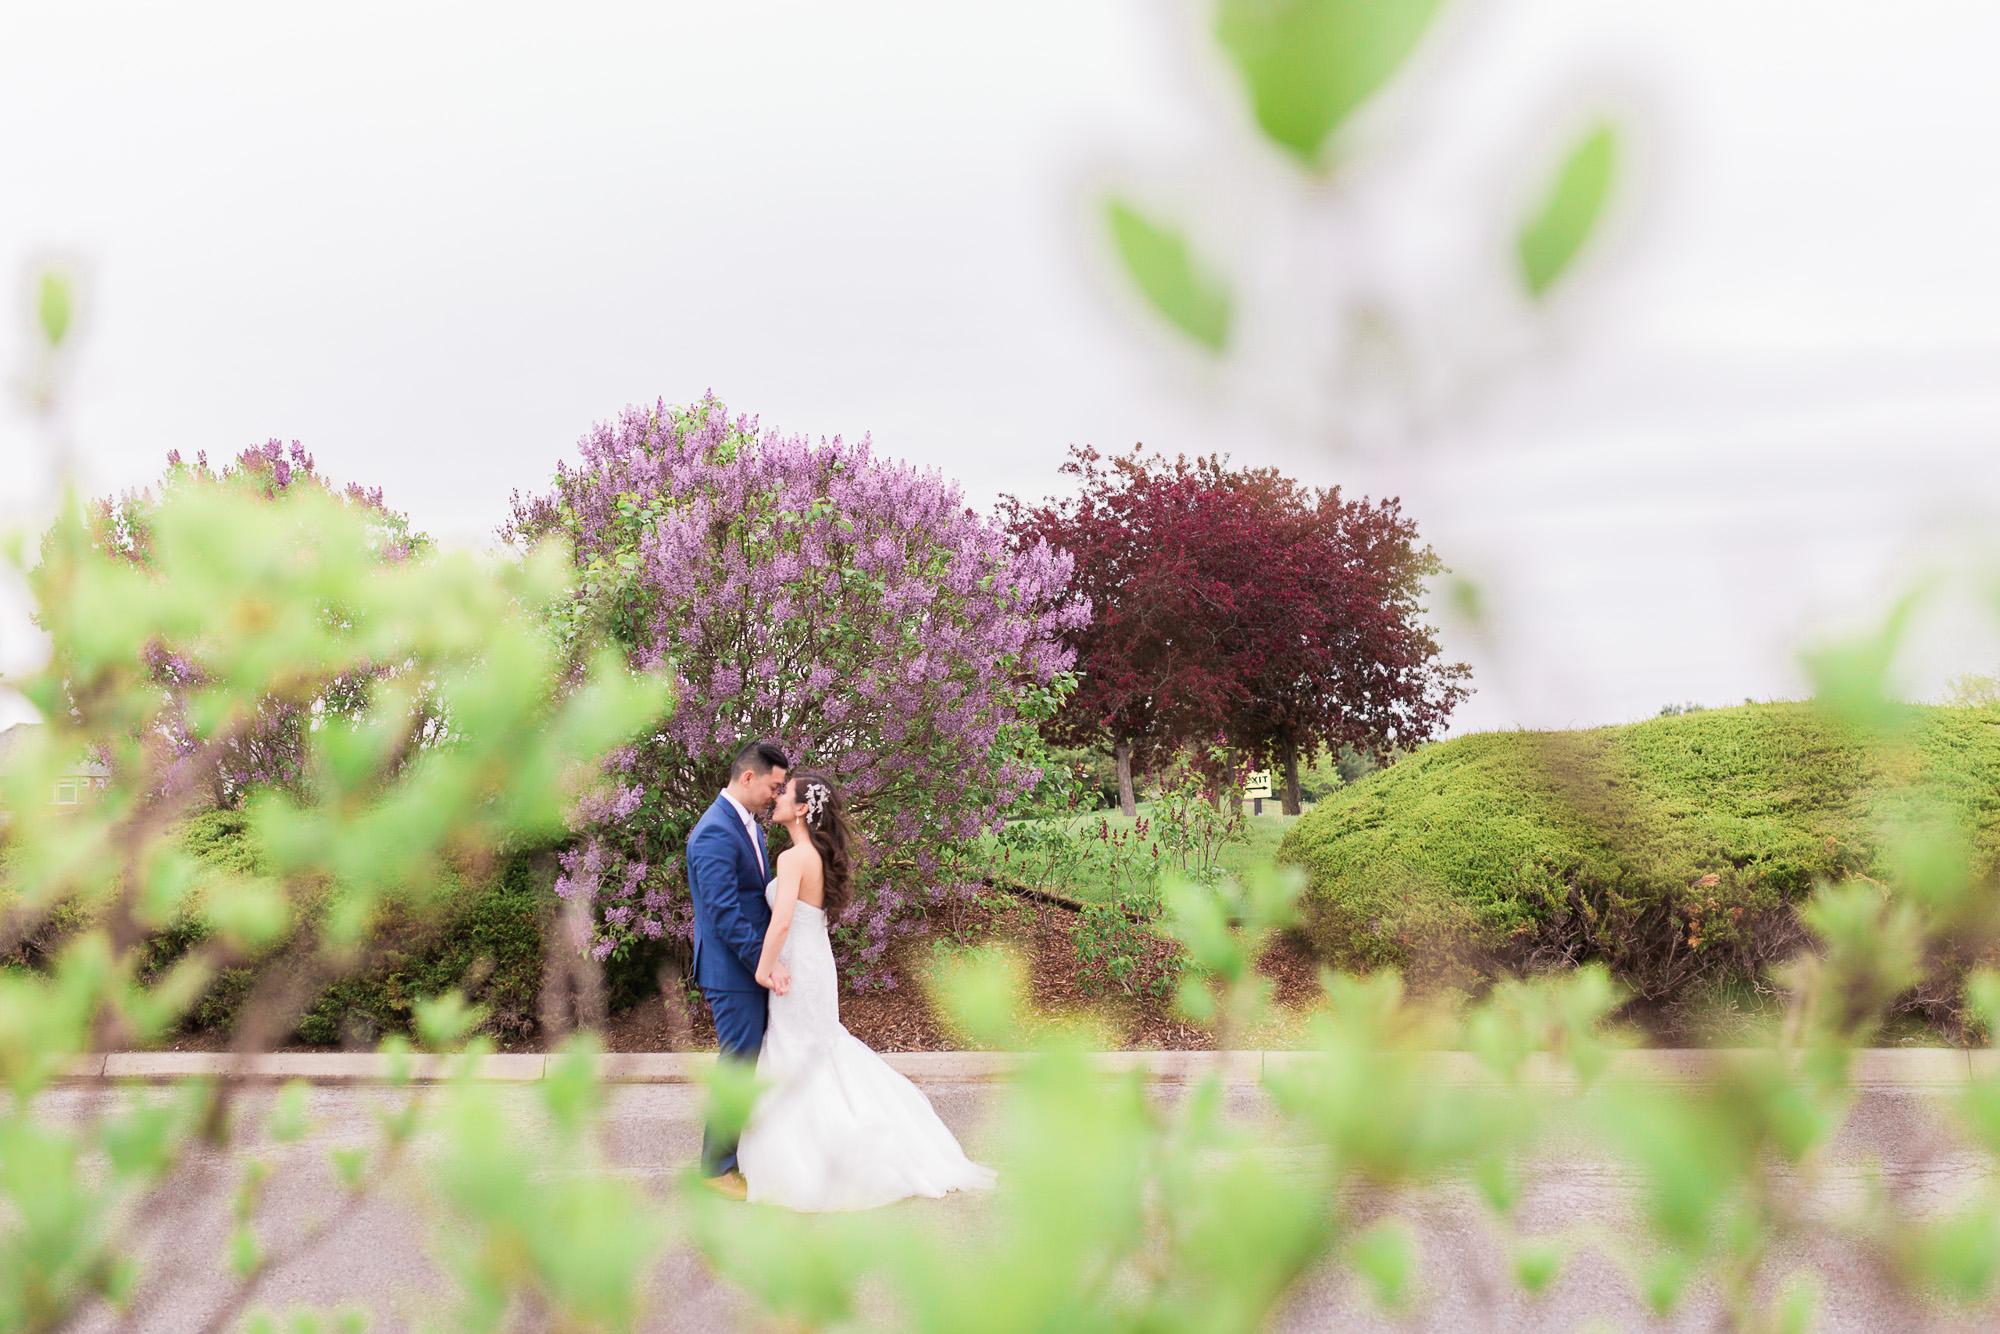 Joanne-Vincent-Wedding-0033.jpg